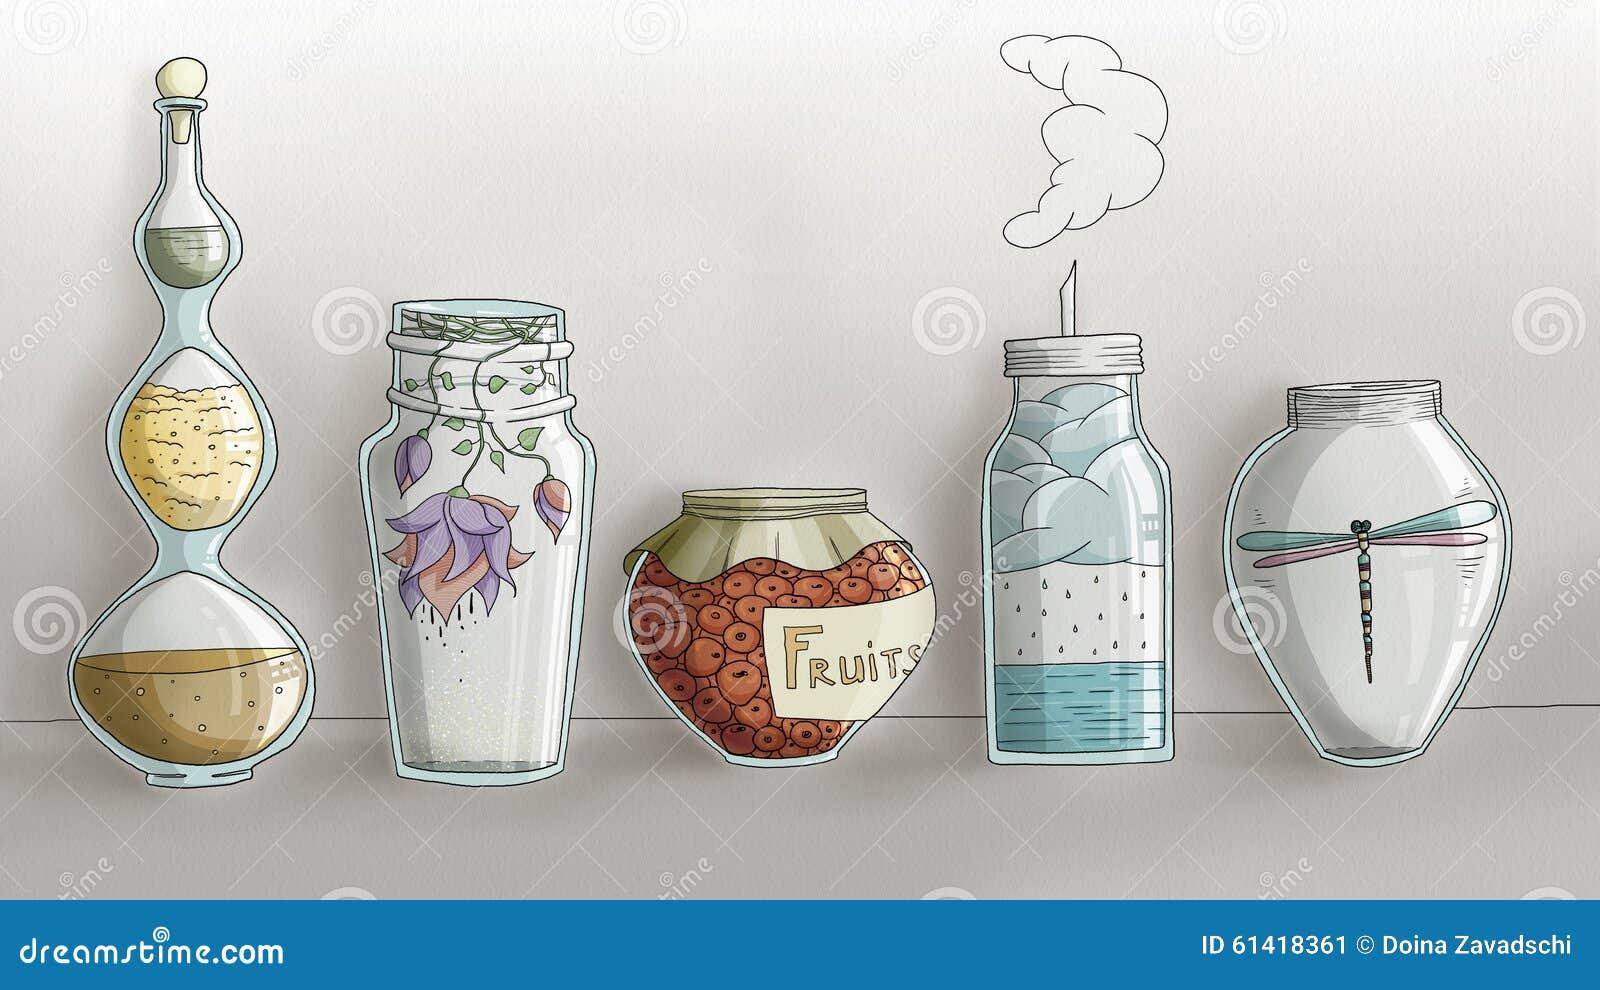 Pots magiques étranges de cuisine - tiré par la main numérique